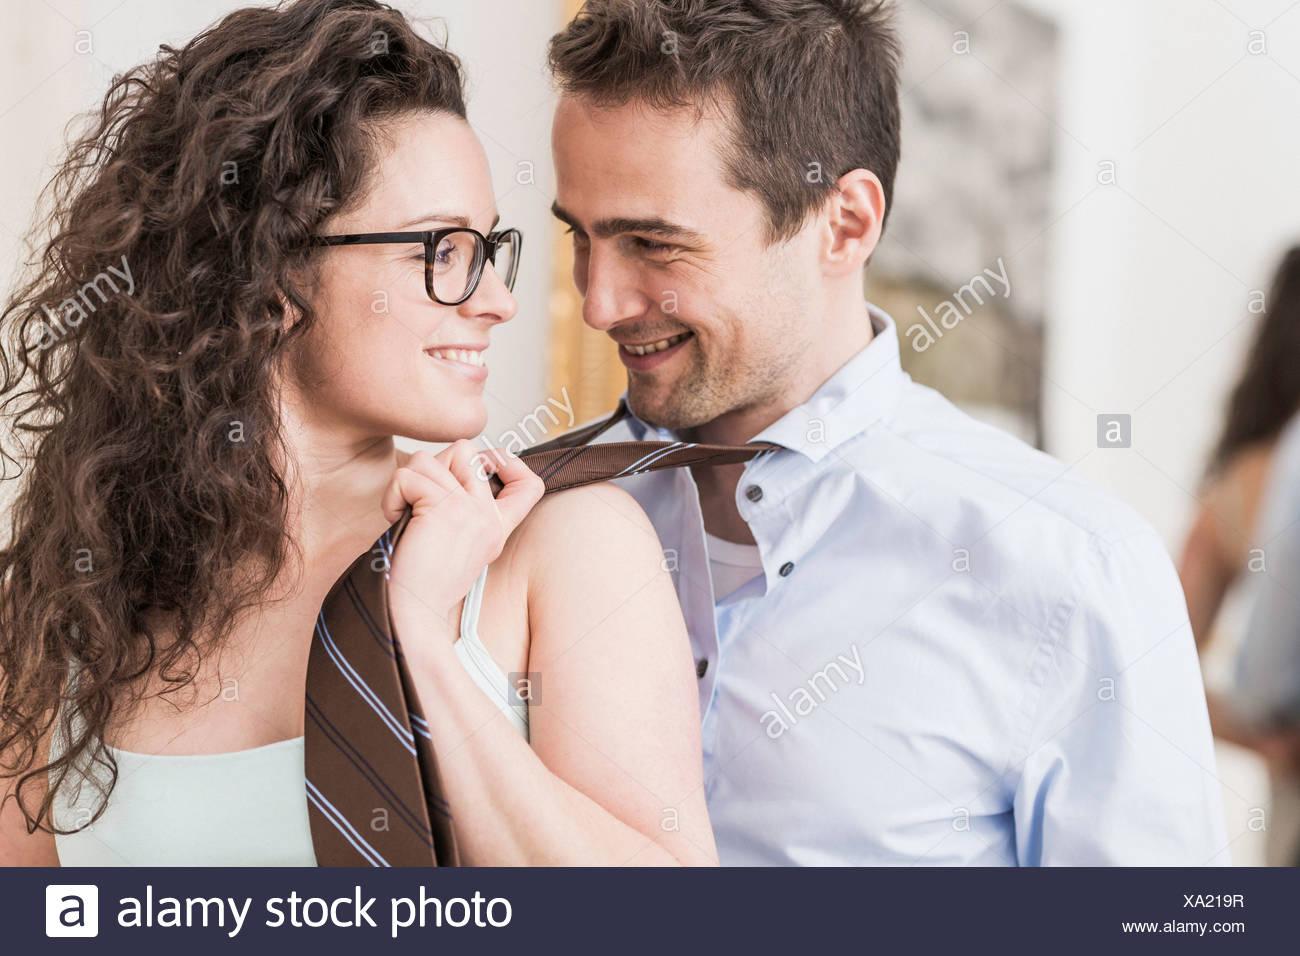 He still checking dating sites speed dating stuttgart